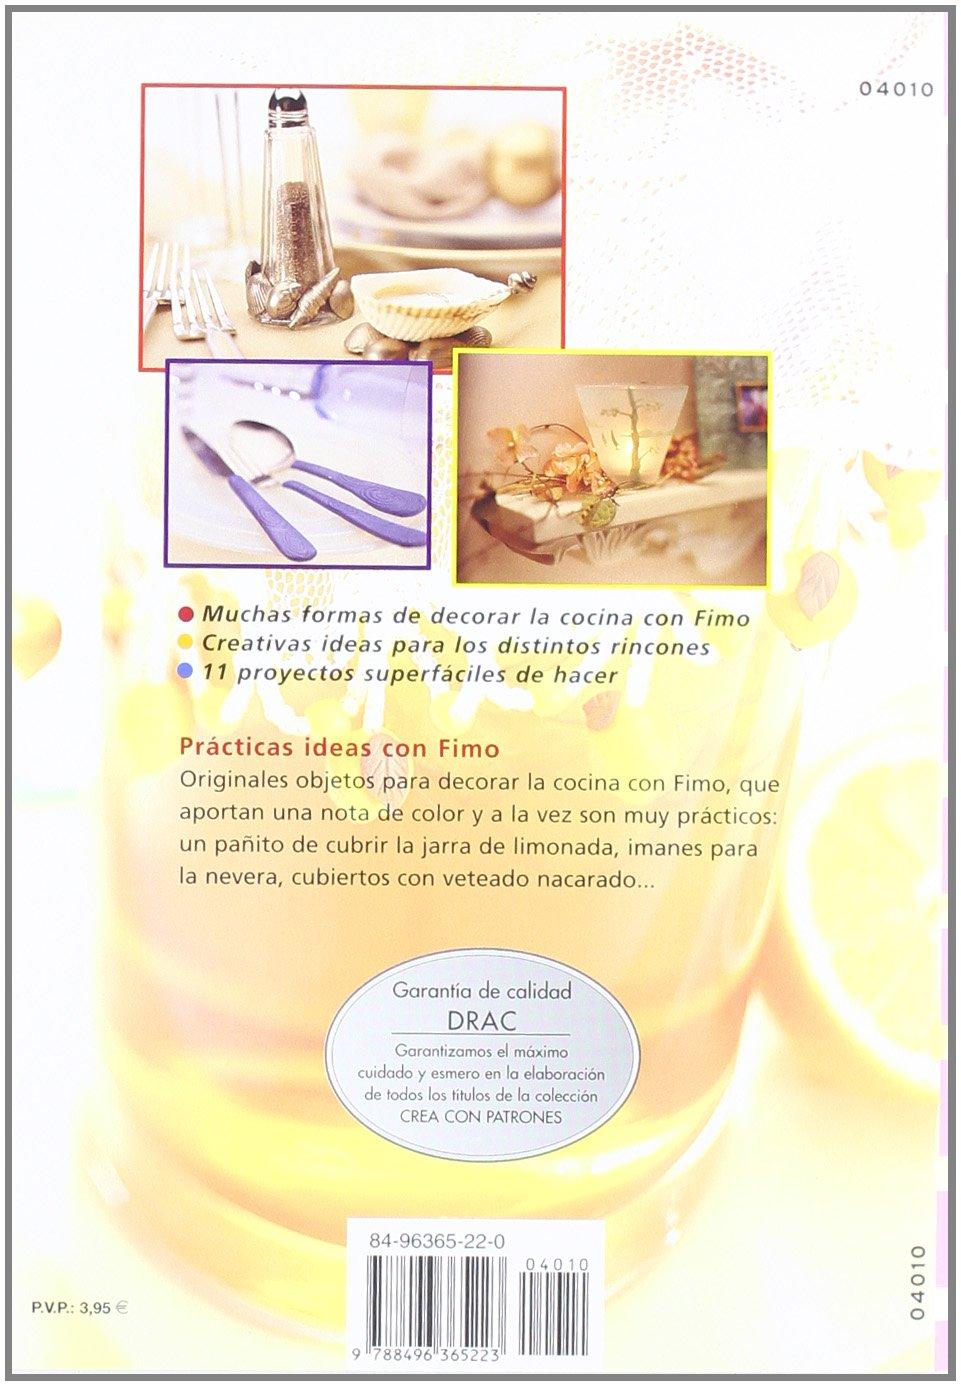 Nuevas ideas para decorar la cocina con fimo: Sue Heaser: 9788496365223: Amazon.com: Books